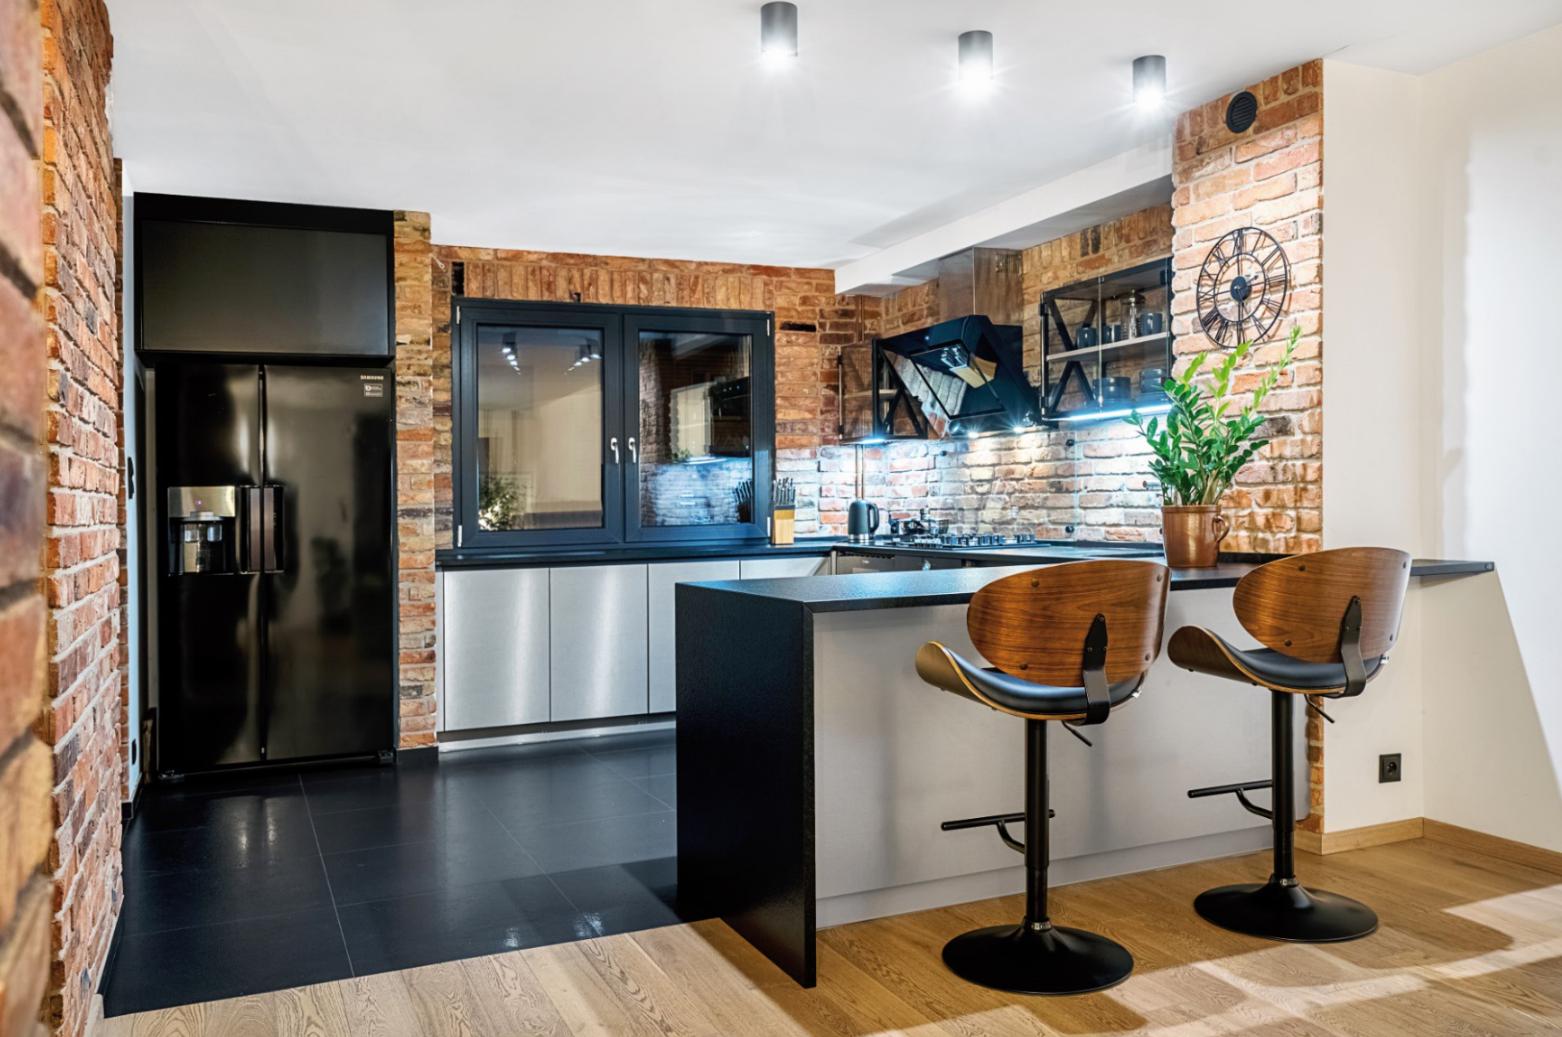 Cegla W Kuchni Jest Swietna Alternatywa Dla Plytek Cegla Sciana Kuchnia Aranzacjazcegla Kuchniazcegla Nowo Kitchen Decor Kitchen Room Apartment Interior